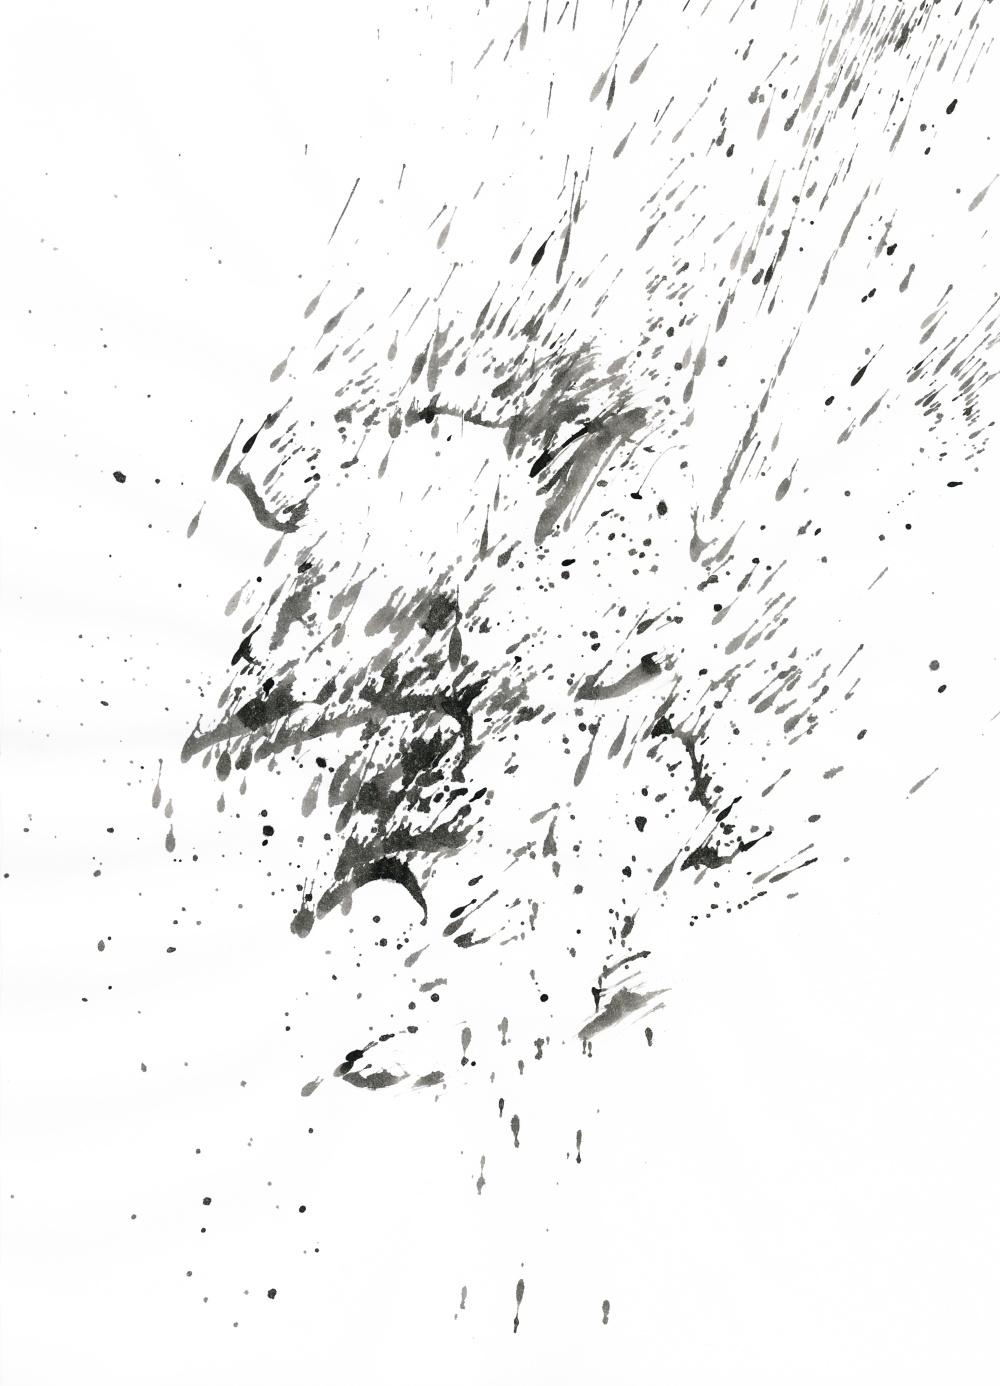 Ink Splatter 11 by Loadus